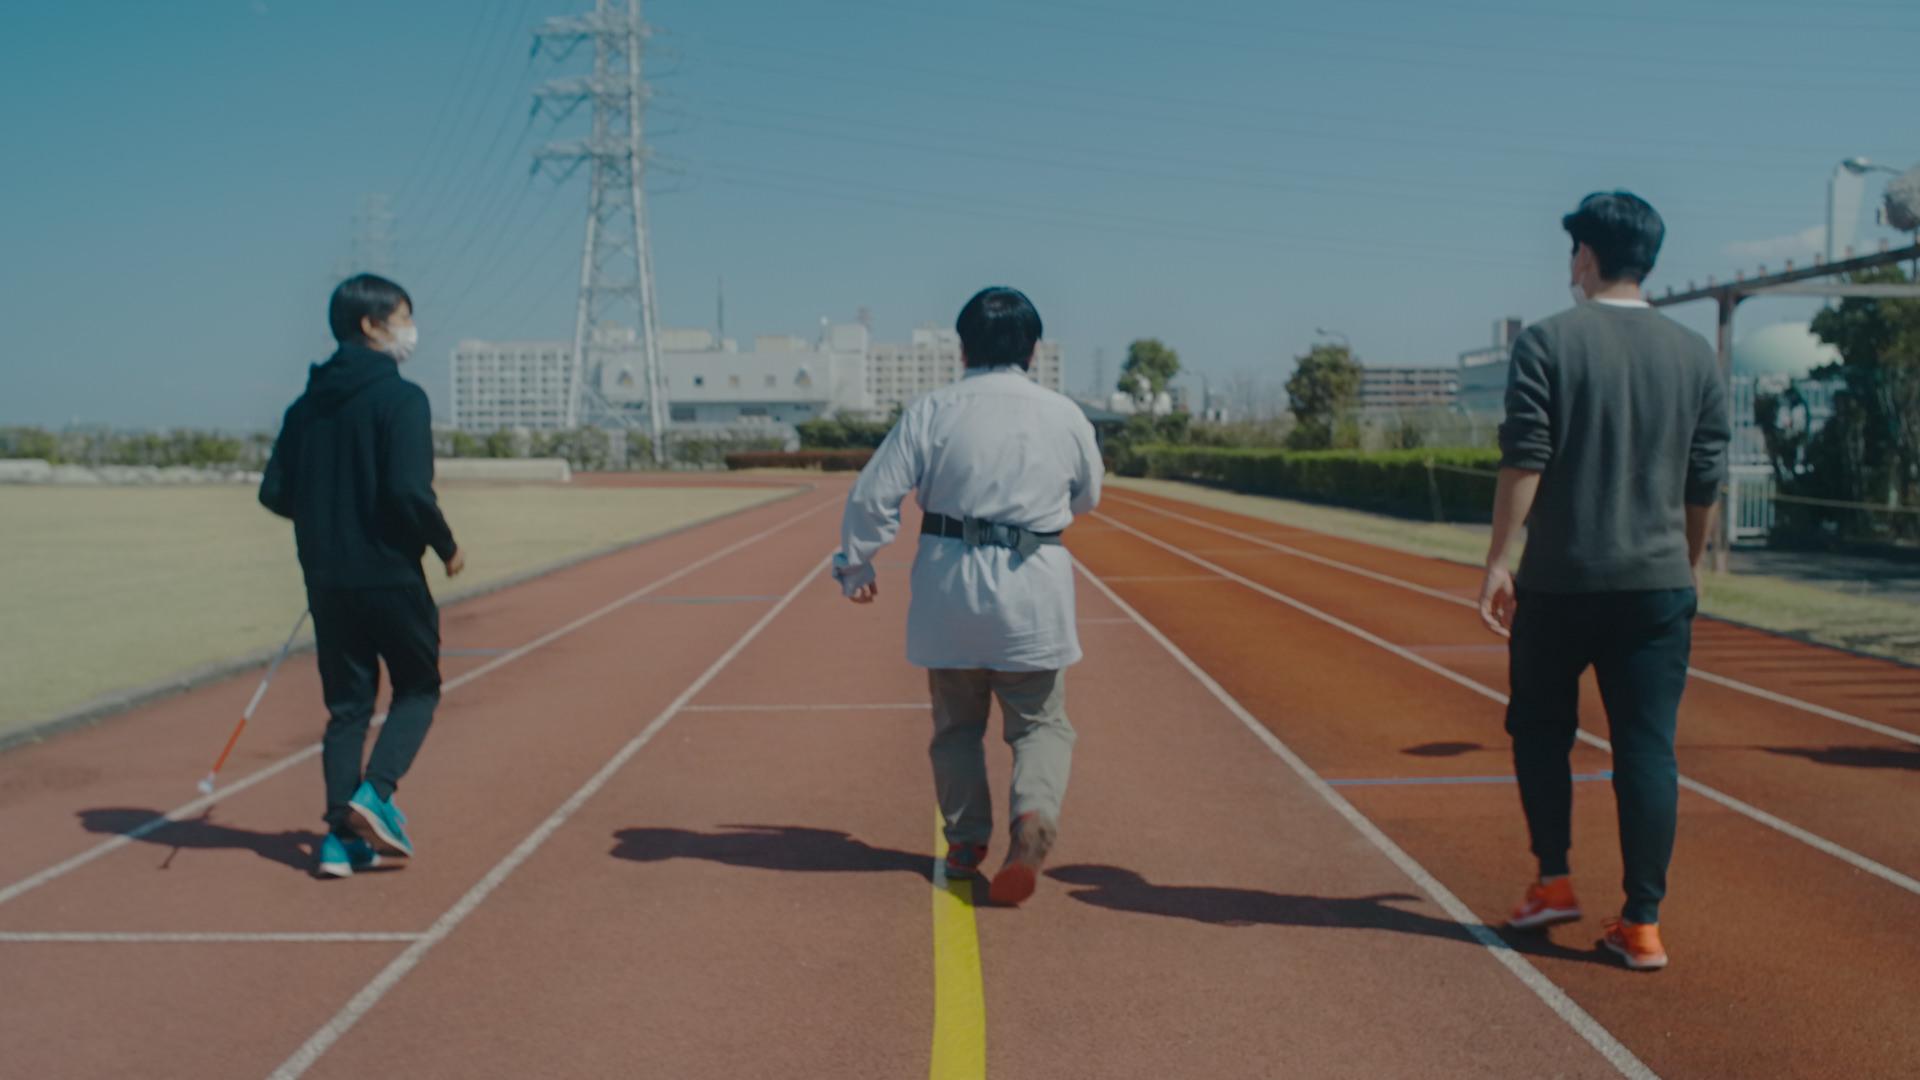 写真:コース上に貼られた黄色いガイドラインのテープに沿って歩く男性のテスト走者と、その周りを見守るスタッフ。